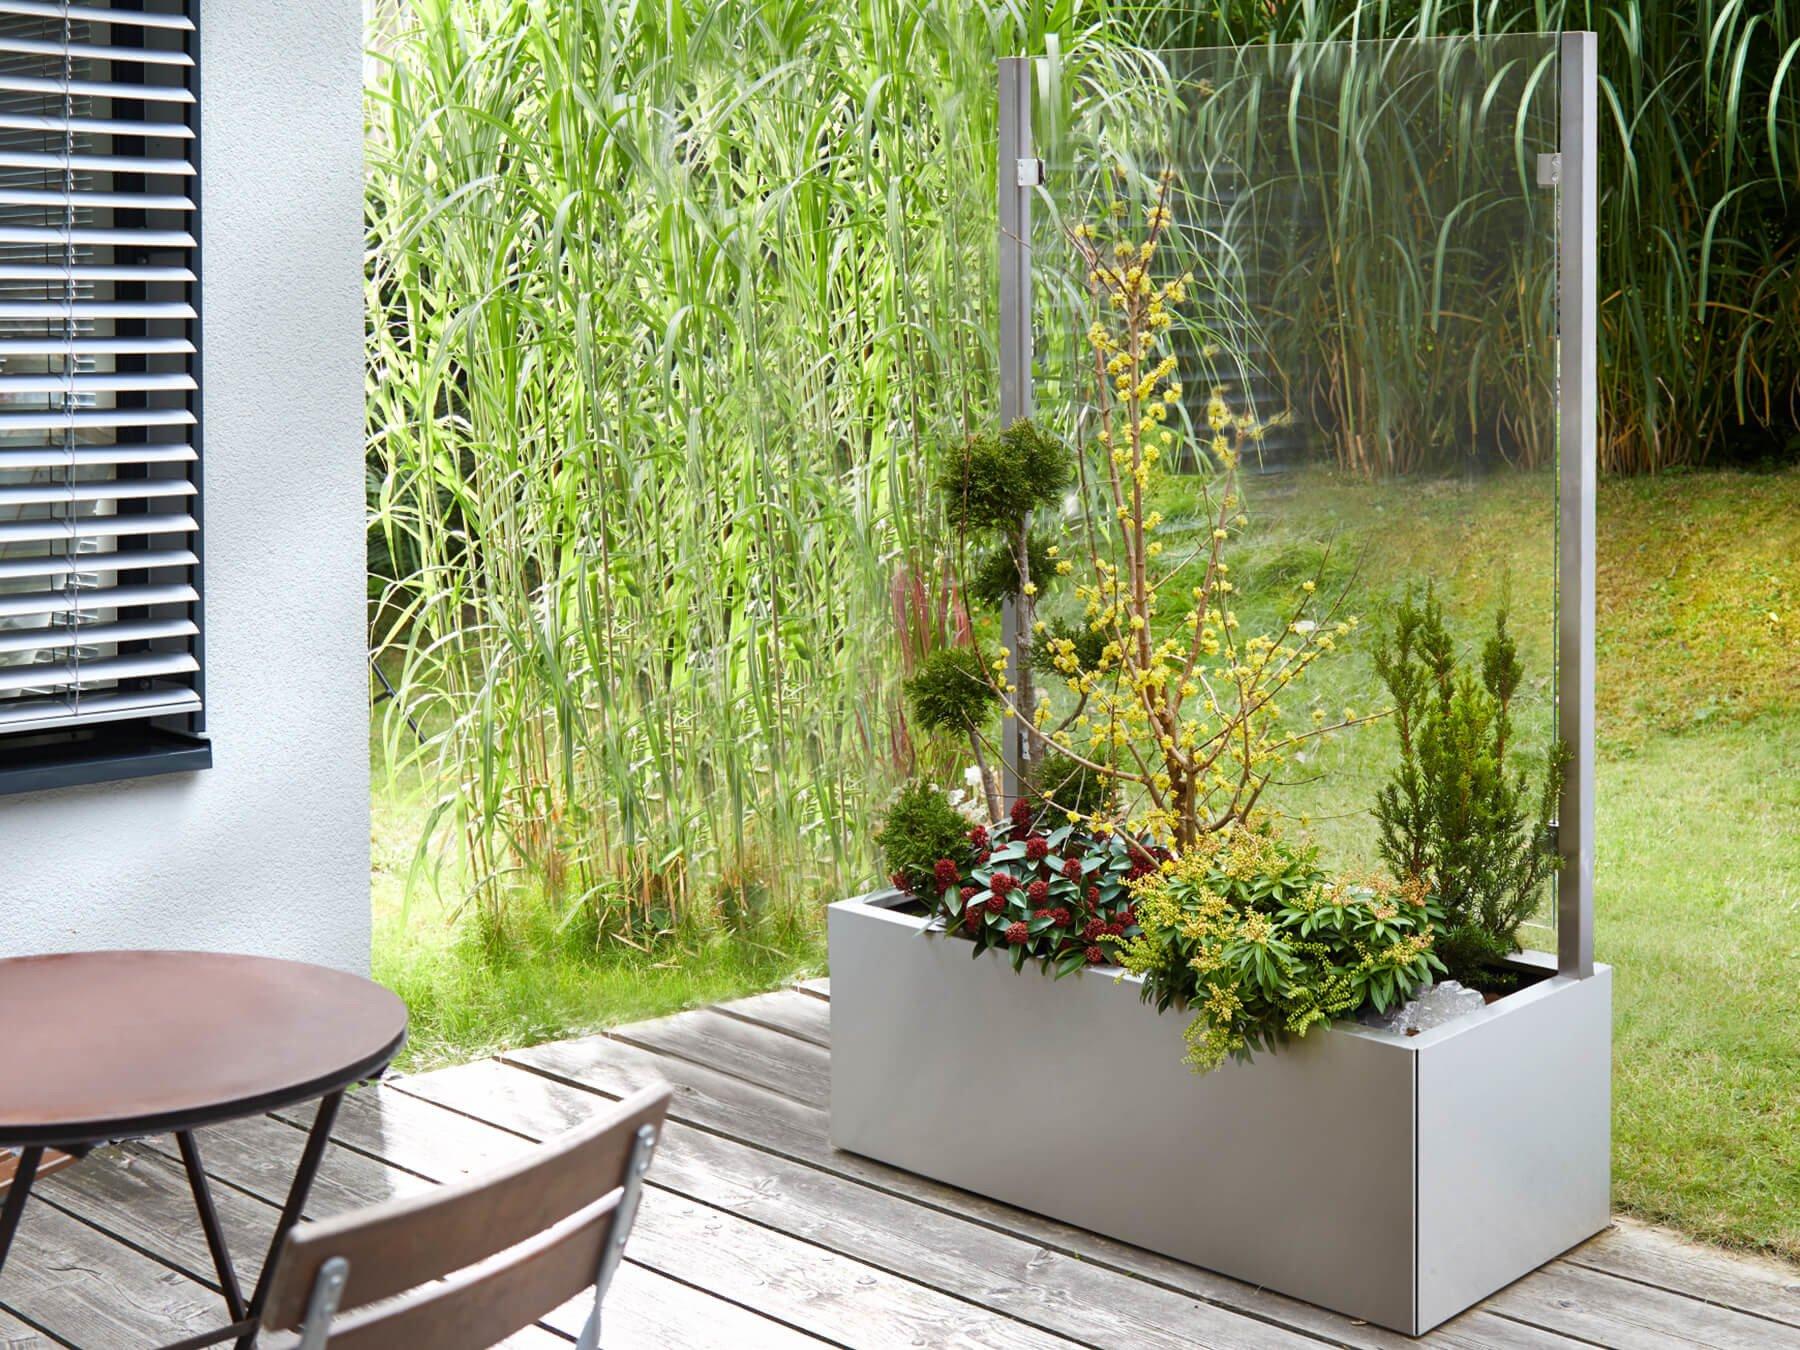 Bepflanzter Pflanzkasten mit Wind- und Sichtschutz auf Terrasse